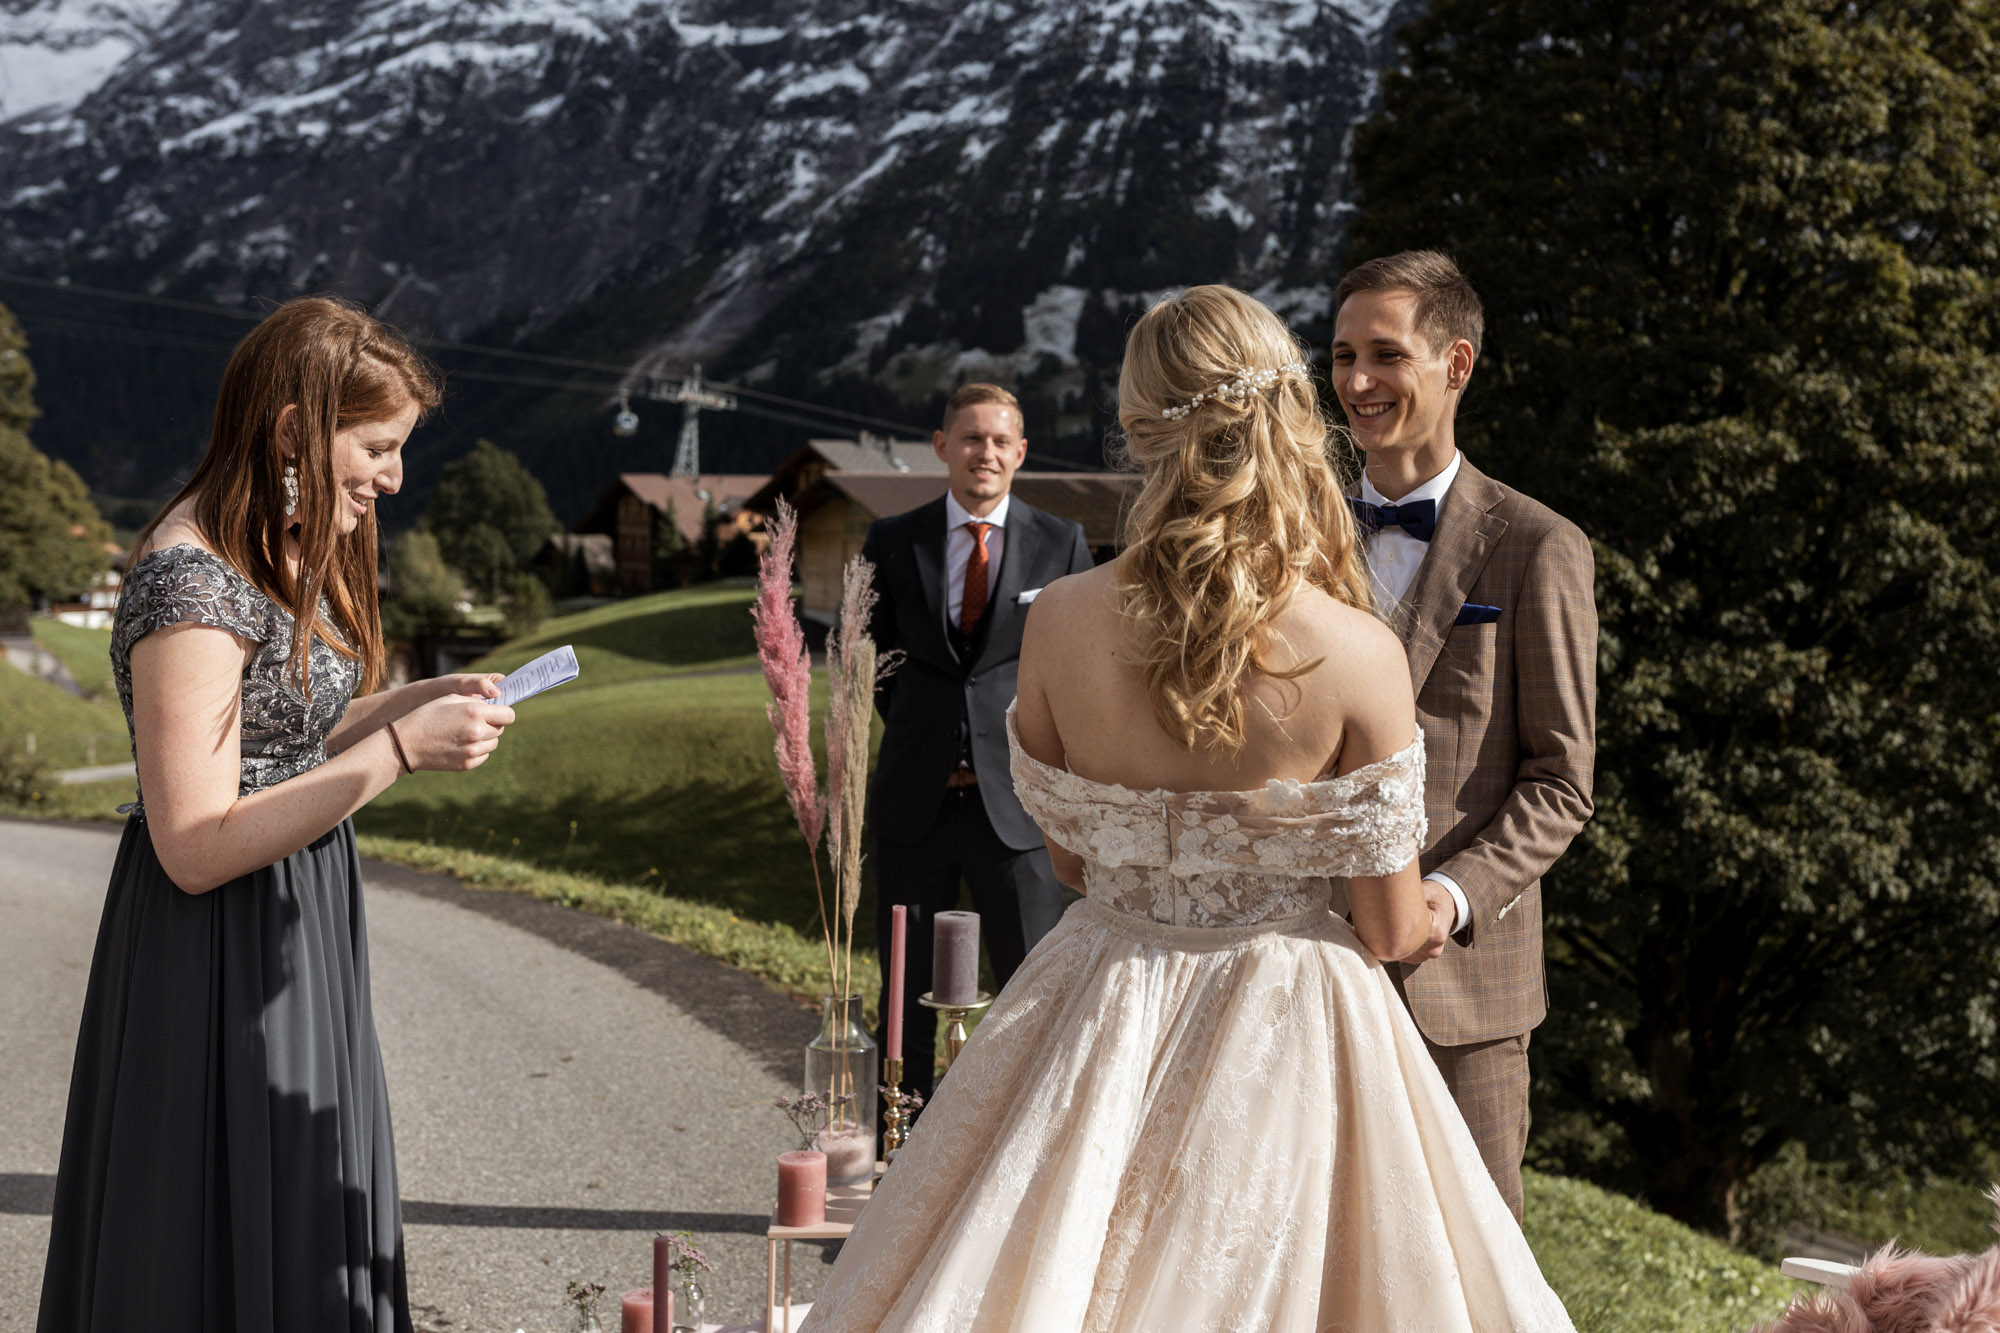 Zeremonie im Freien - Traumhafte Location in Grindelwald - Hochzeit in den Bergen mit Freunden - Hochzeitsfotograf